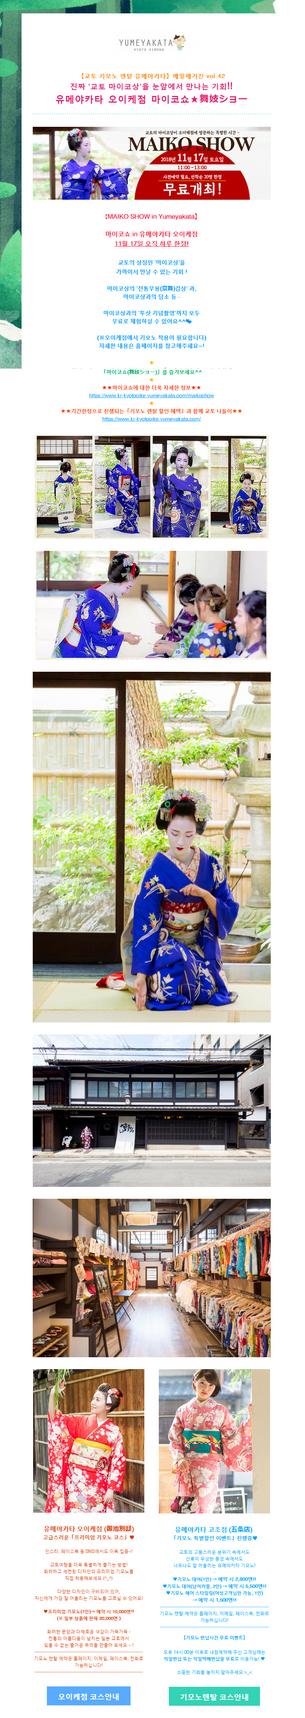 【유메야카타】메일매거진 vol.42 진짜 '교토 마이코상'을 눈앞에서 만나는 기회! 유메야카타 오이케점 마이코쇼